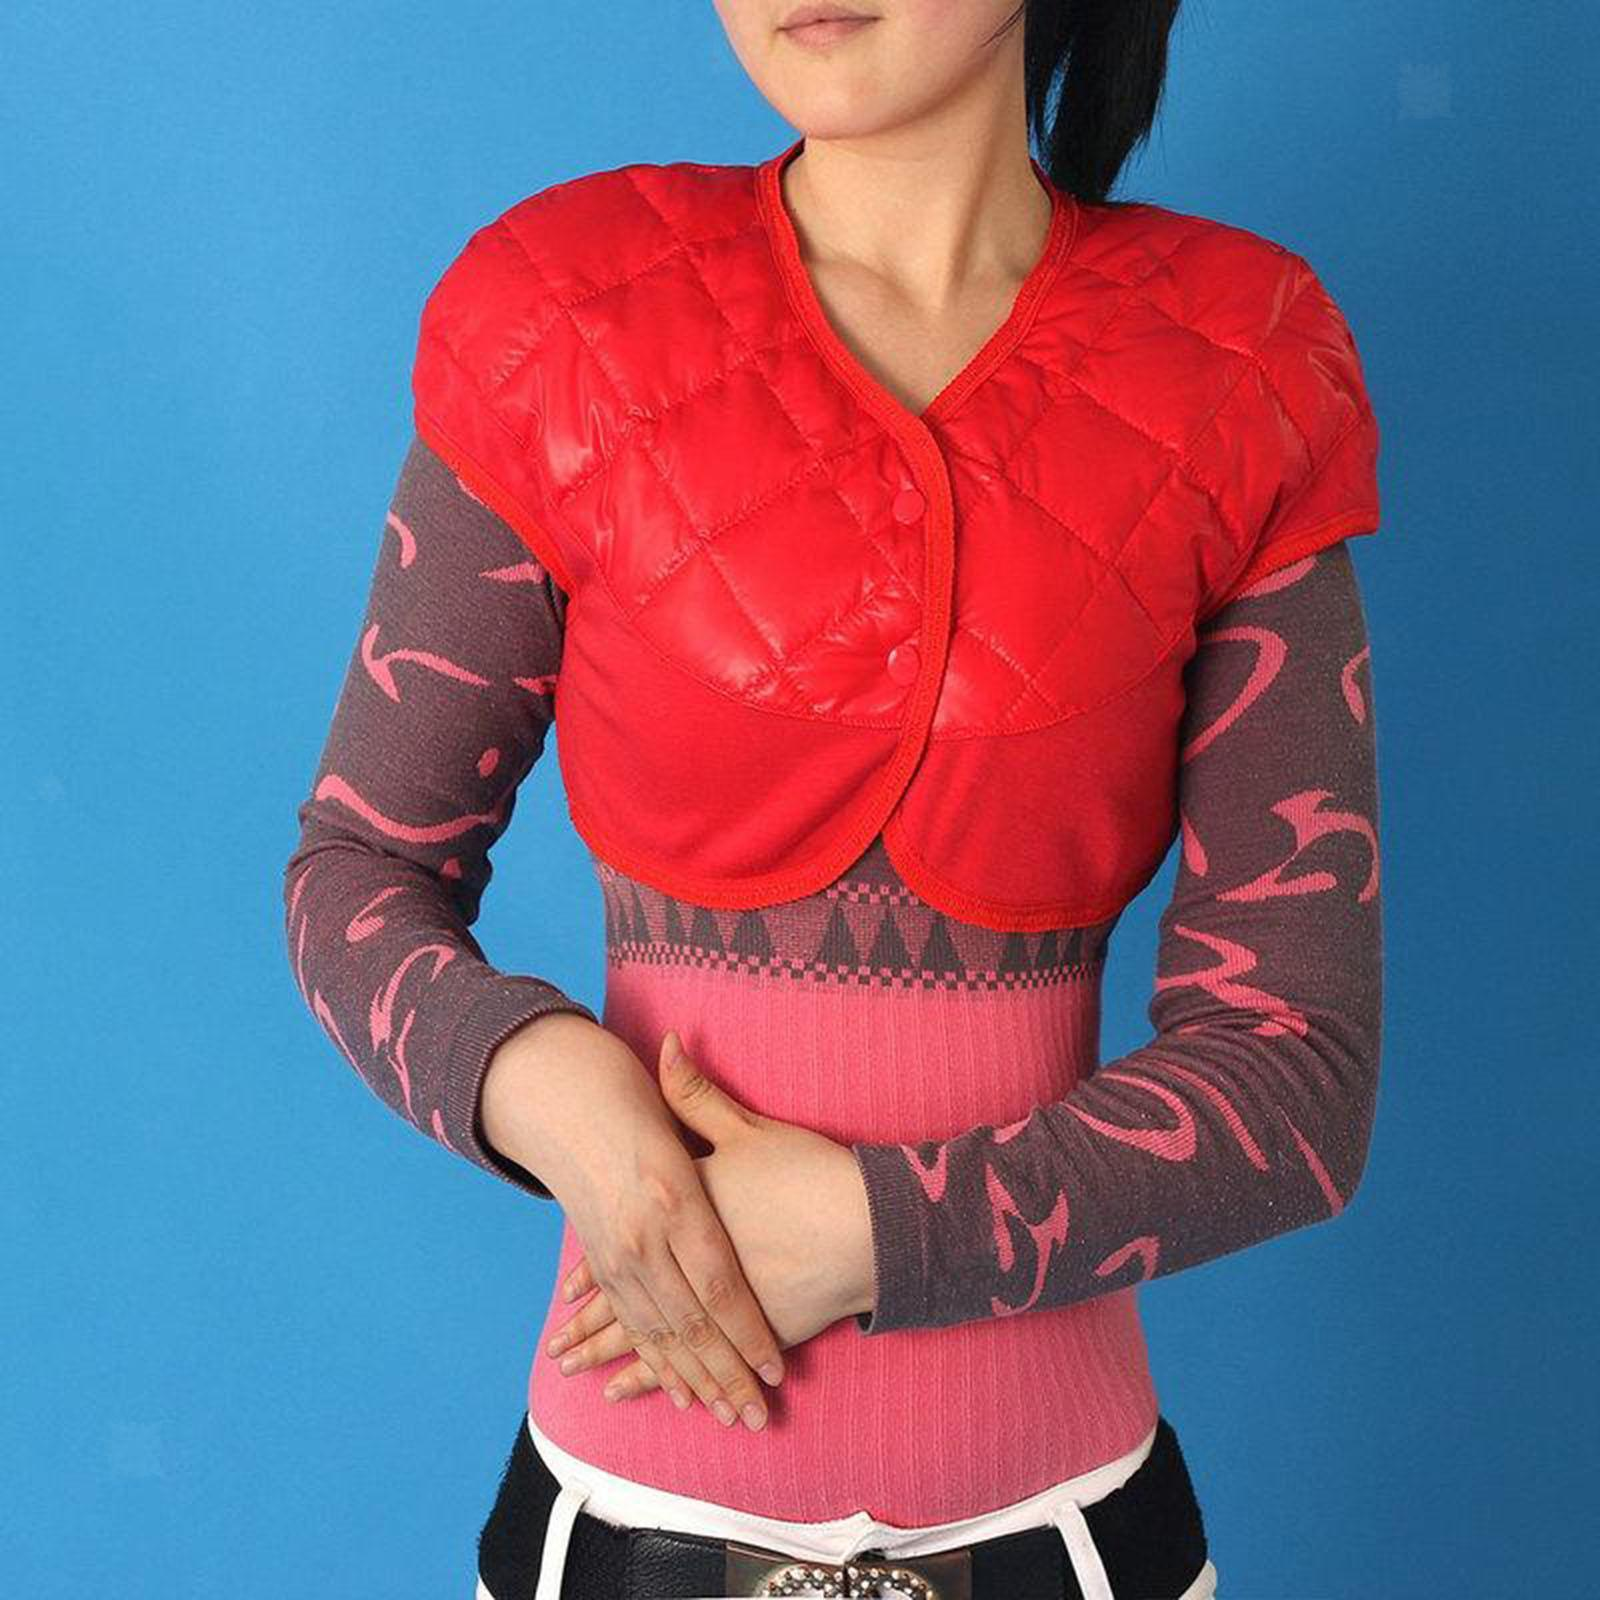 Femmes-Hommes-Down-Jacket-Chaud-Manteau-Court-Epaule-Chaud-Thermique-Wrap miniatura 10